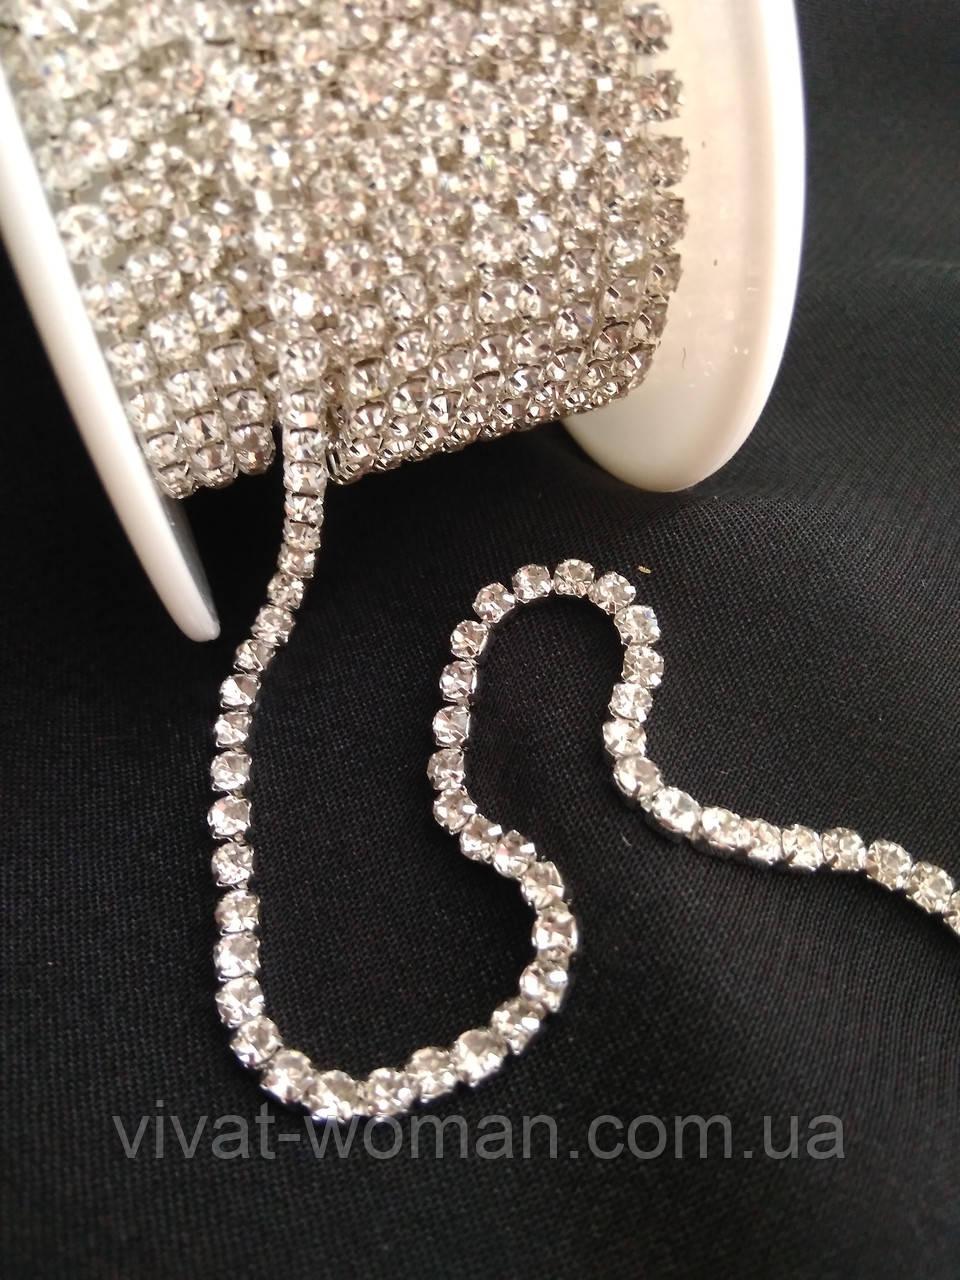 Стразовая цепь, silver, Crystal SS6 (2,0 мм) 1 ряд. Цена за 1м.